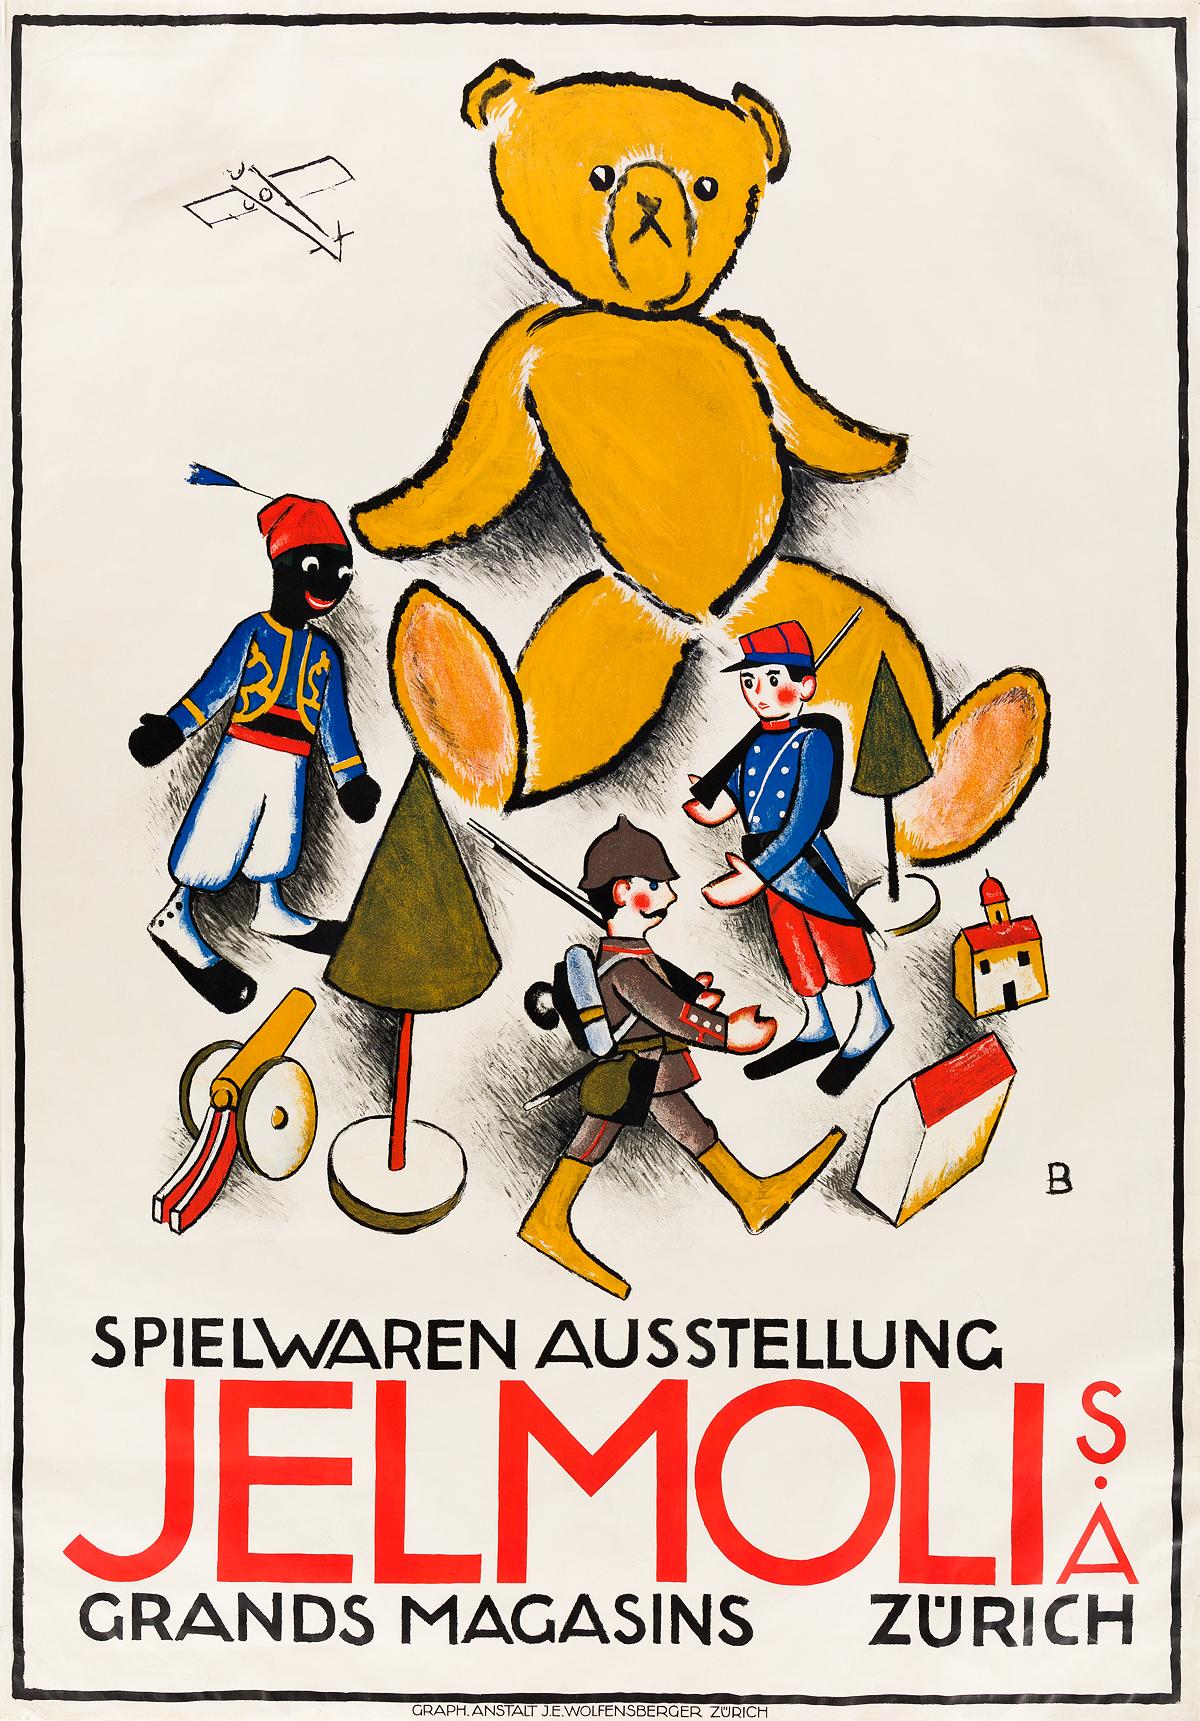 OTTO BAUMBERGER (1889-1961). JELMOLI / SPIELWAREN AUSSTELLUNG. 1915. 50x35 inches, 127x91 cm. J.E. Wolfensberger, Zurich.